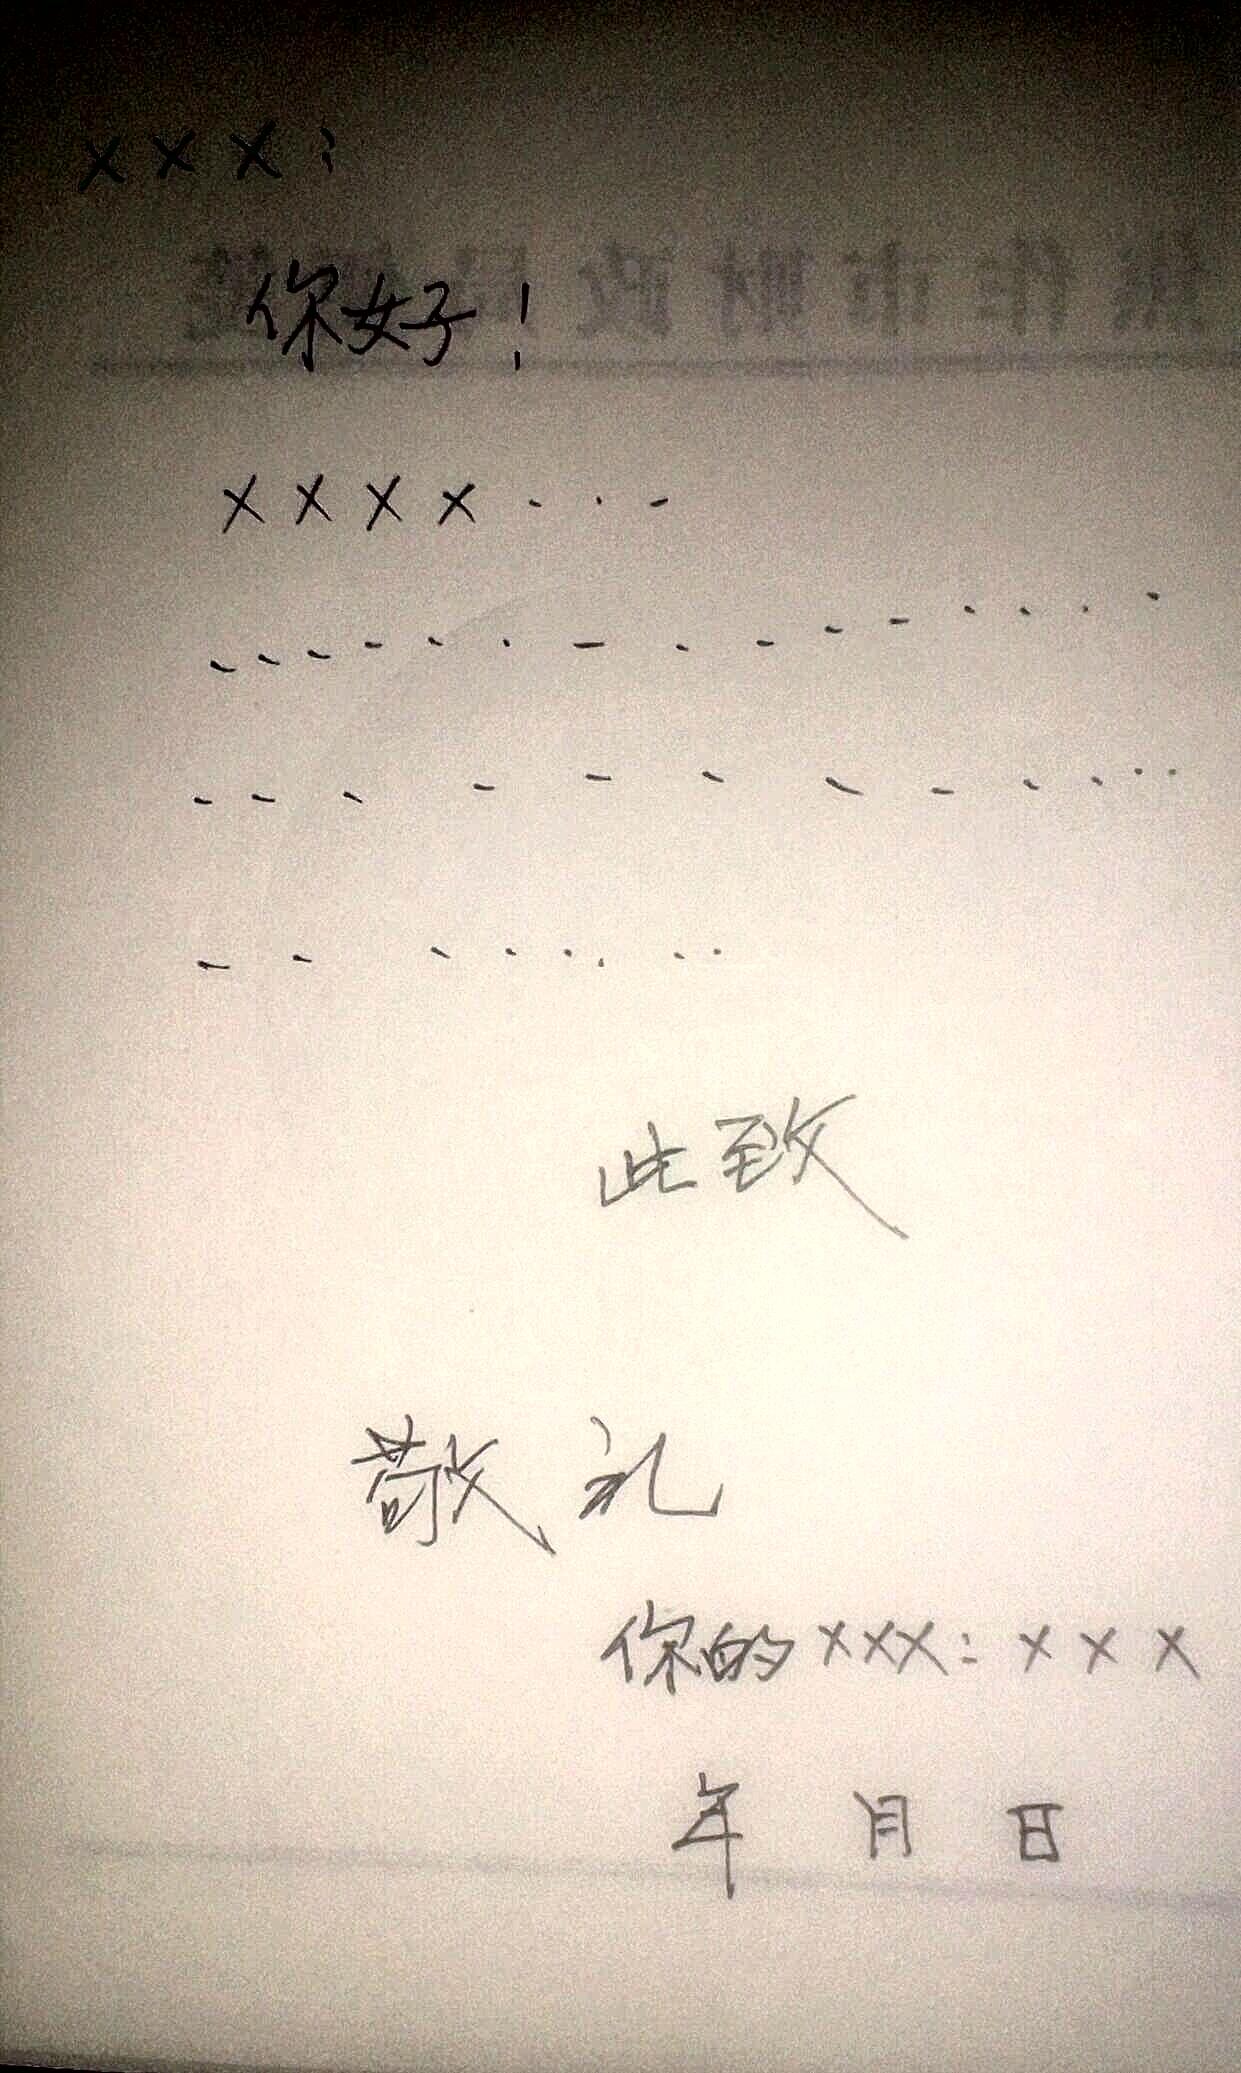 英语写信得格式还有开头结尾怎么写 -写信的格式很重要 开头写什么